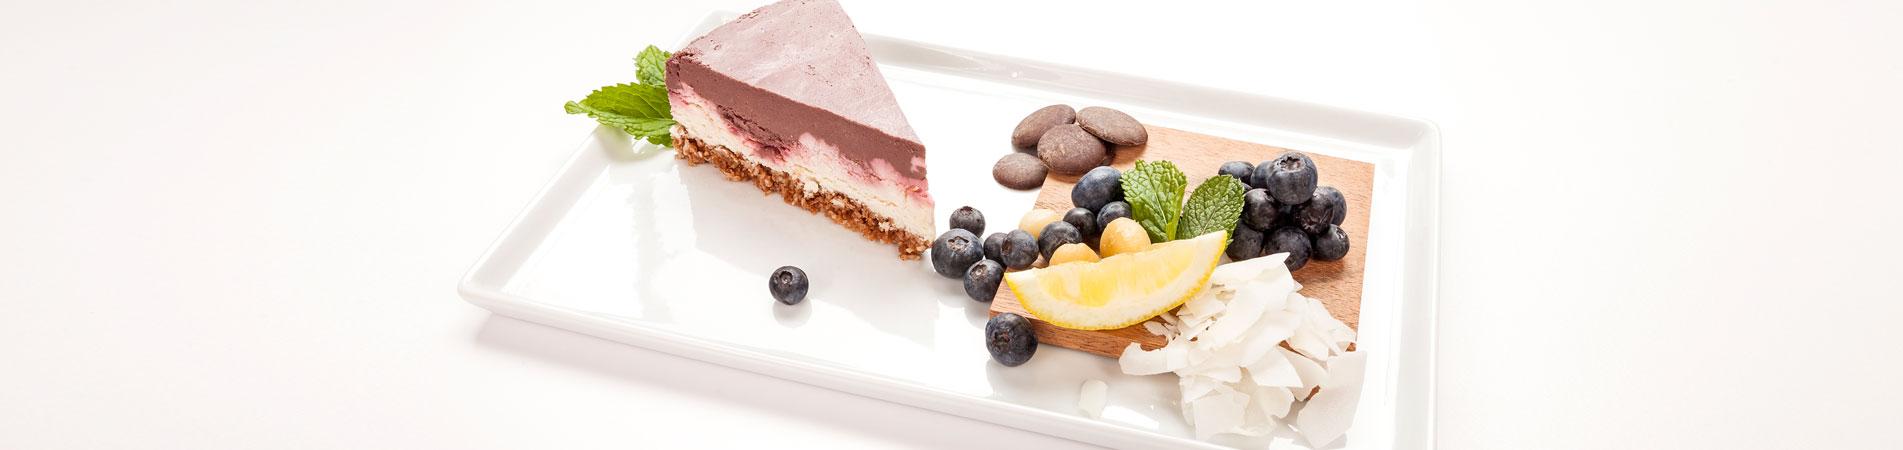 dessert-slider2